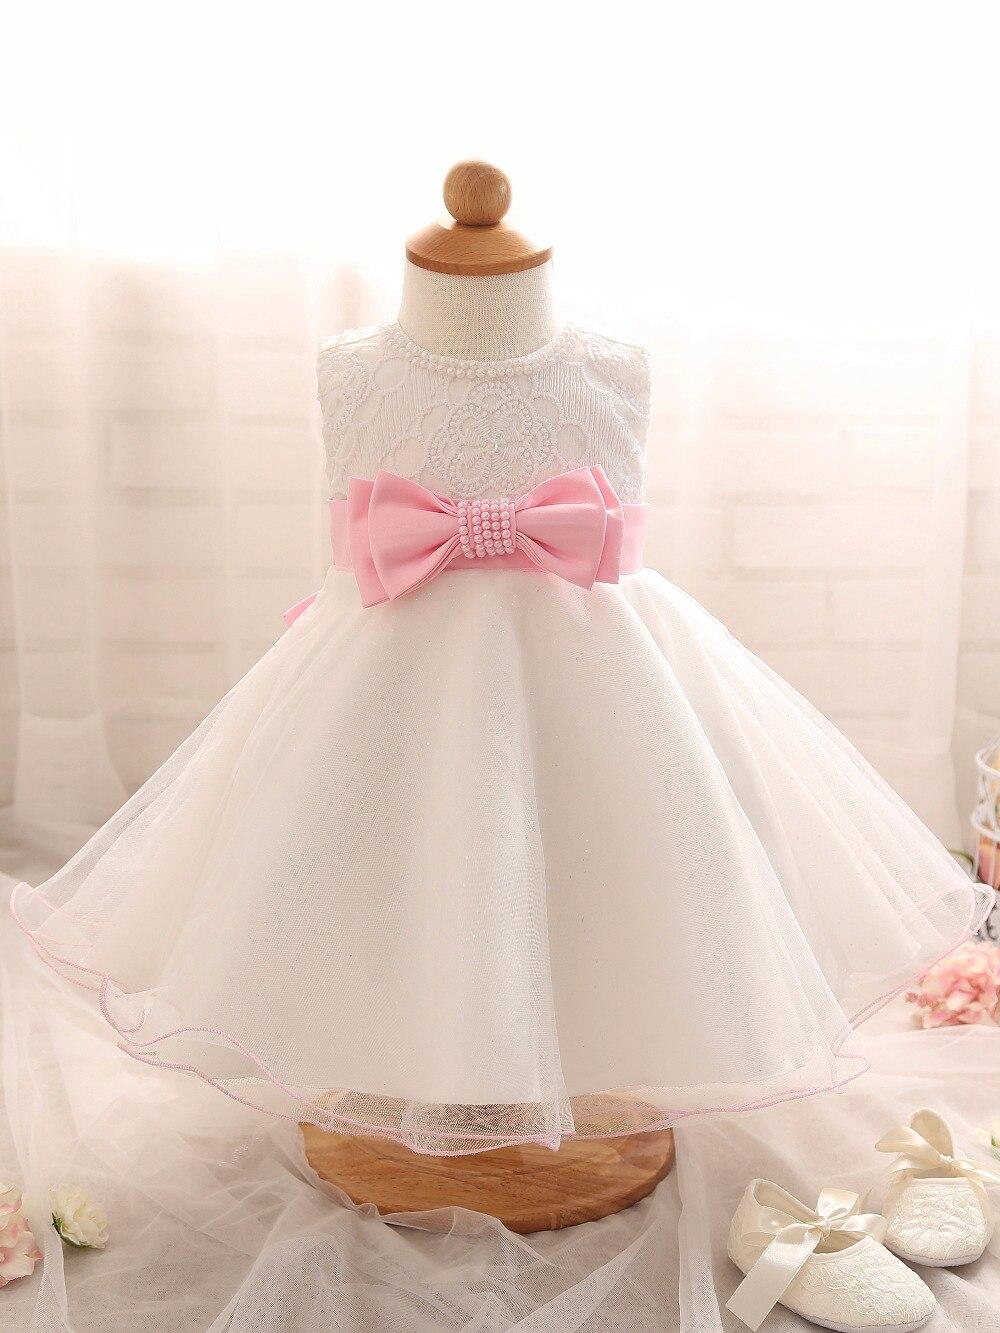 Schön Baby Tutu Kleid Für Die Hochzeit Galerie - Brautkleider Ideen ...